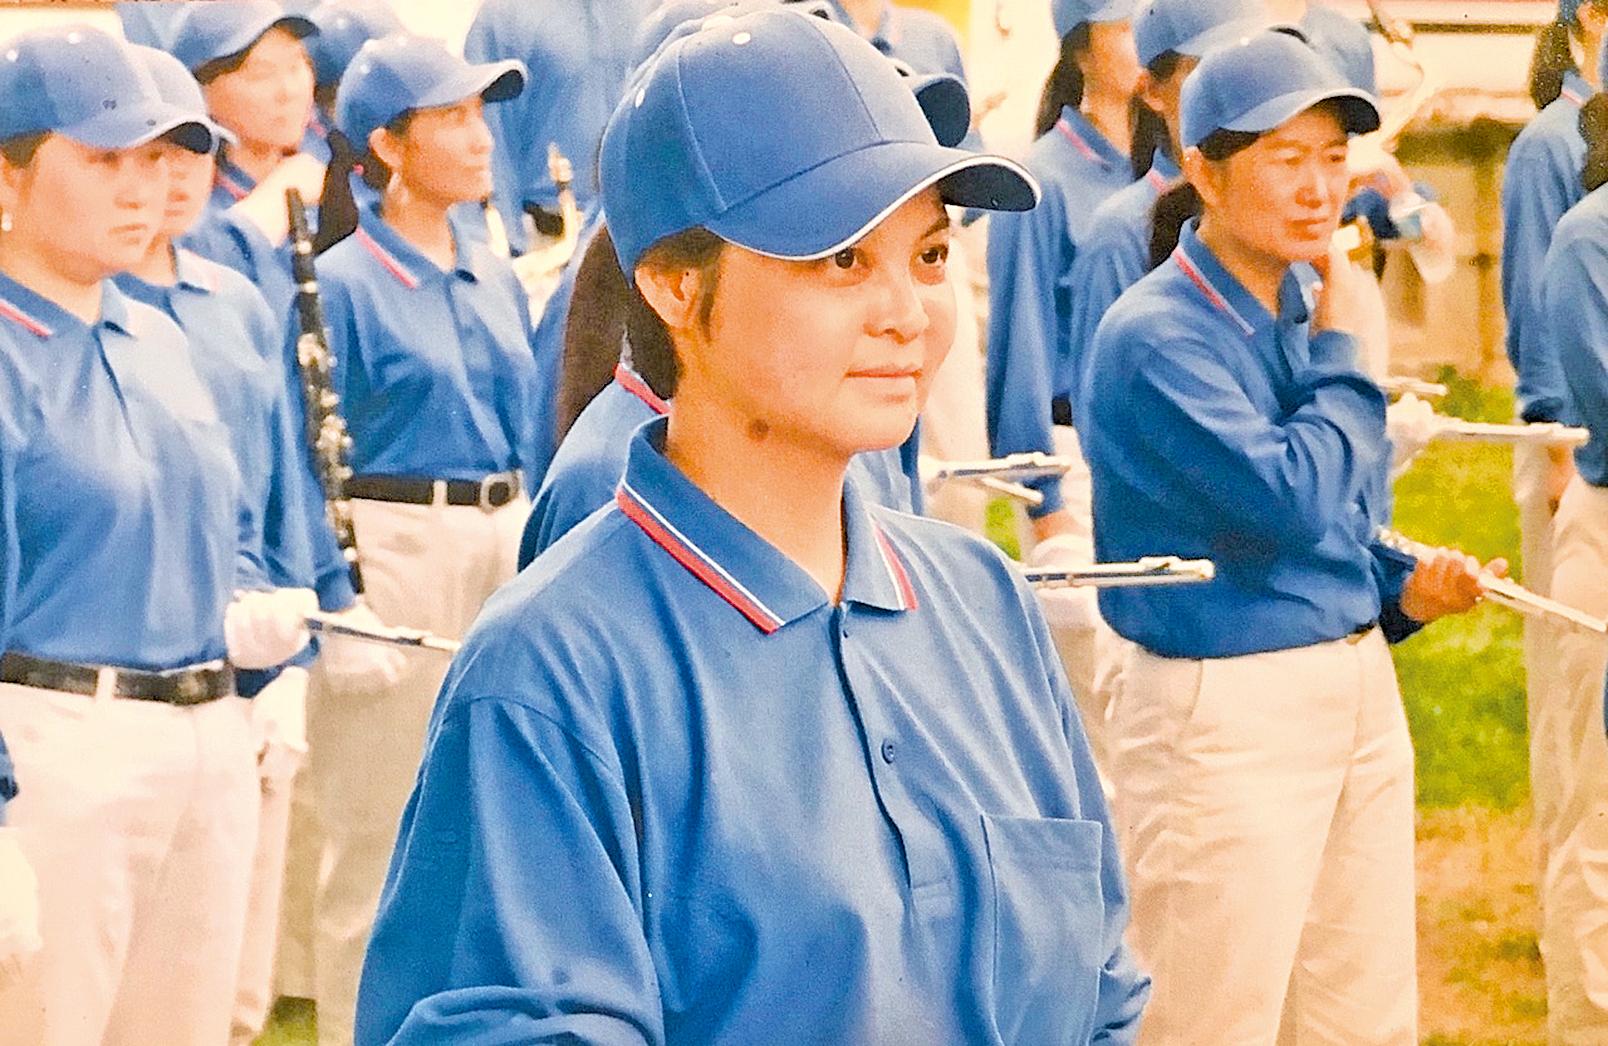 Kathy Ma參加天國樂團的遊行。(Kathy Ma提供)